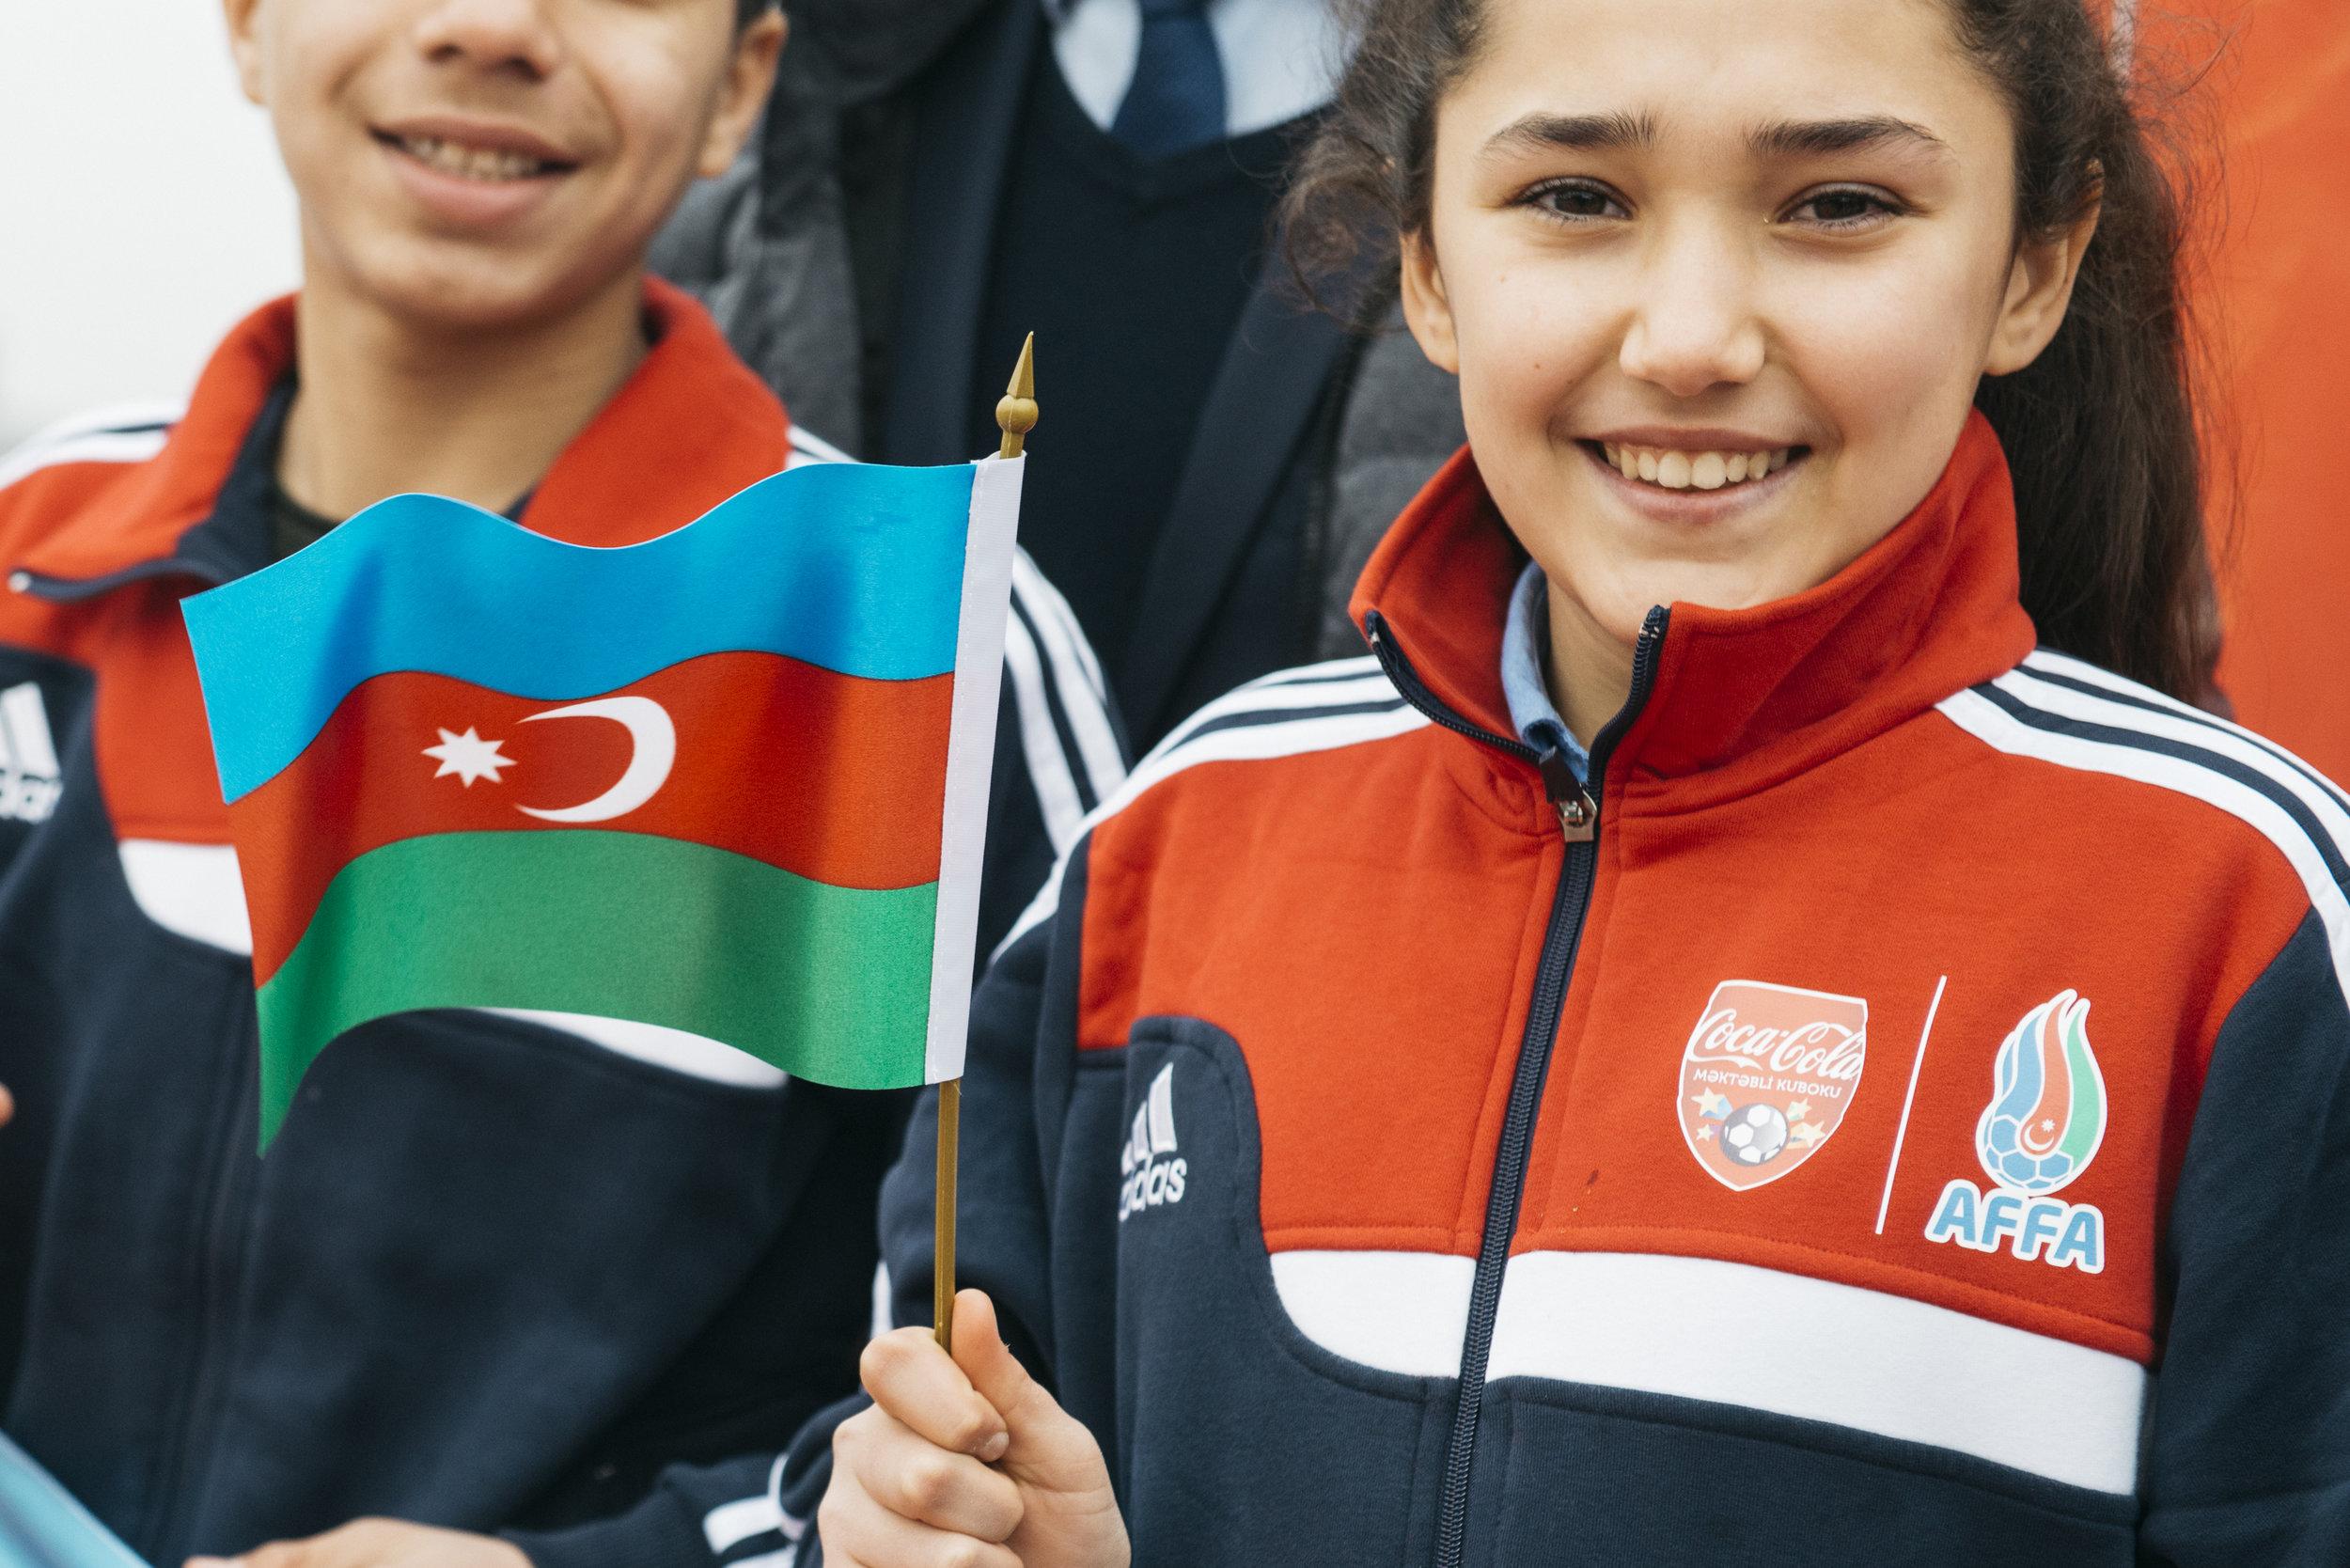 20180209_AZERBAIJAN_BAKU_1415.jpg